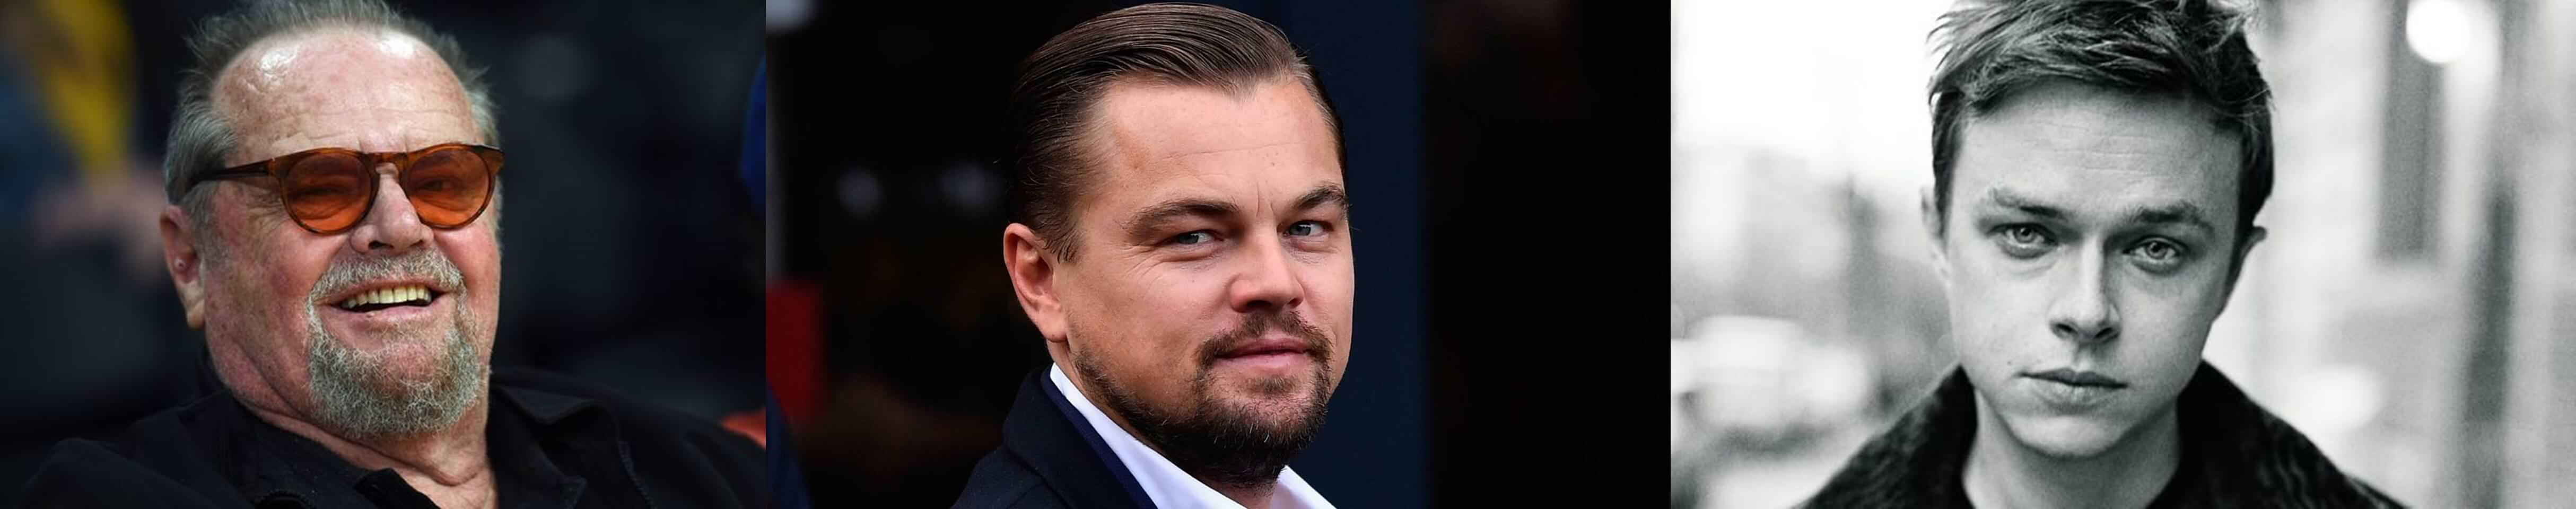 好萊塢撞臉演員!你認錯過他/她們嗎?┃電影專題